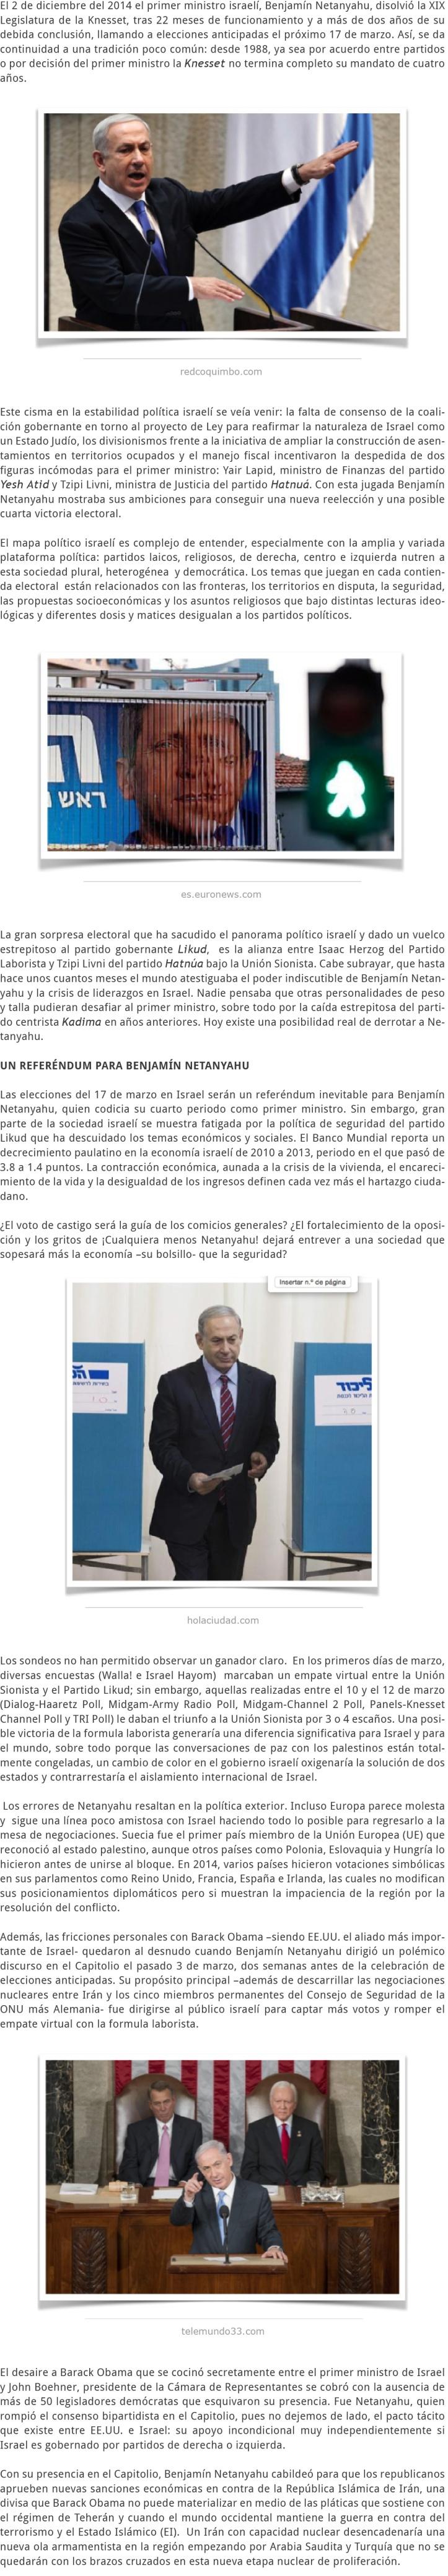 ¿CUALQUIERA MENOS NETANYAHU ELECCIONES ANTICIPADAS EN ISRAEL